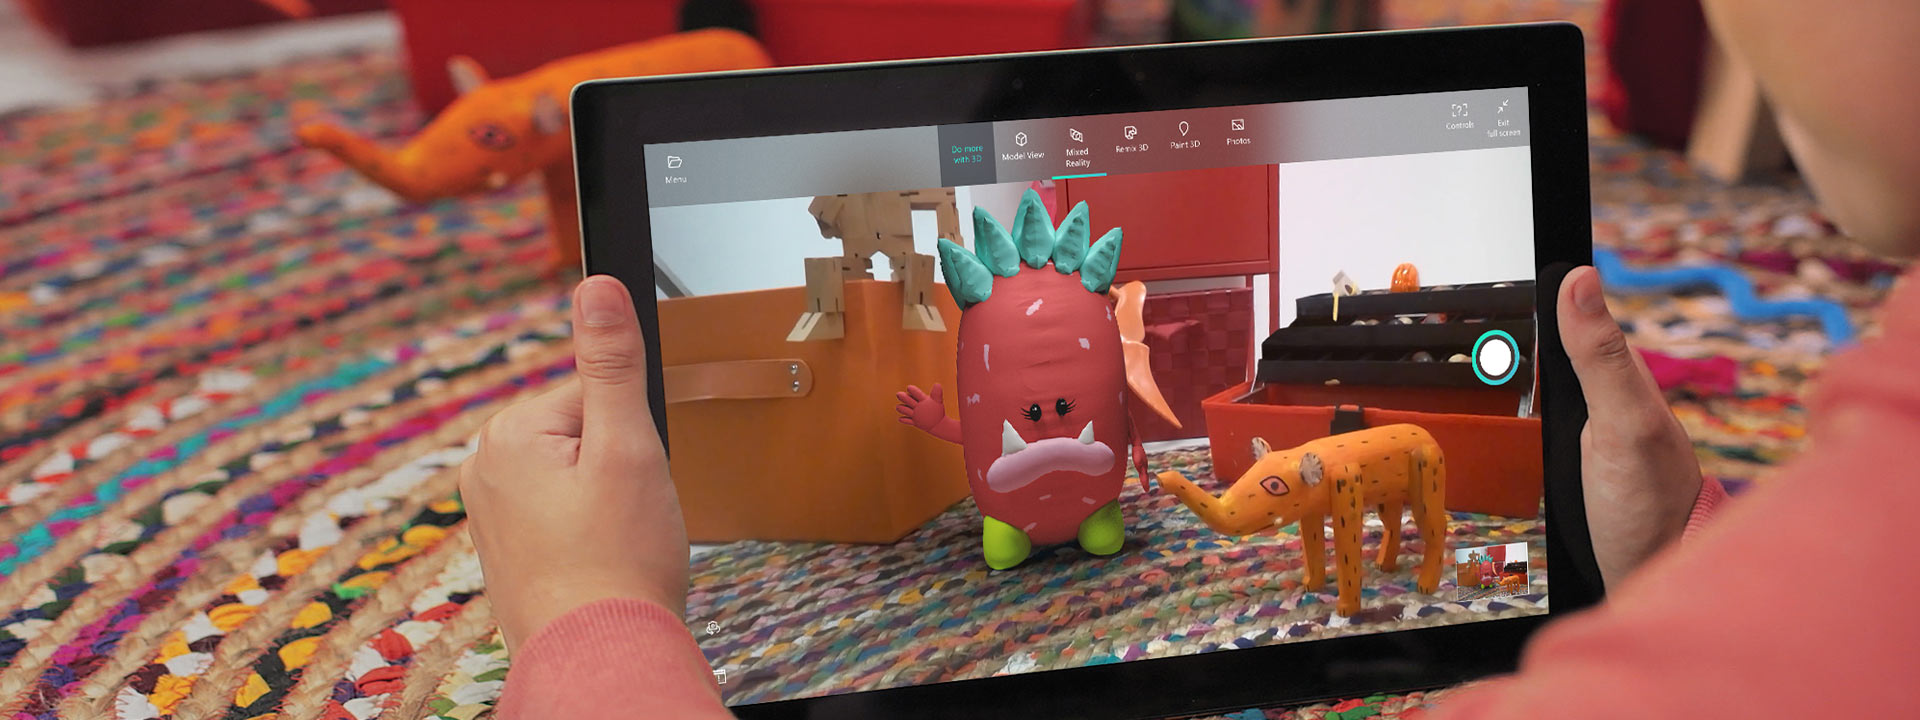 Tablet met een 3D-creatie in Mixed Reality Viewer